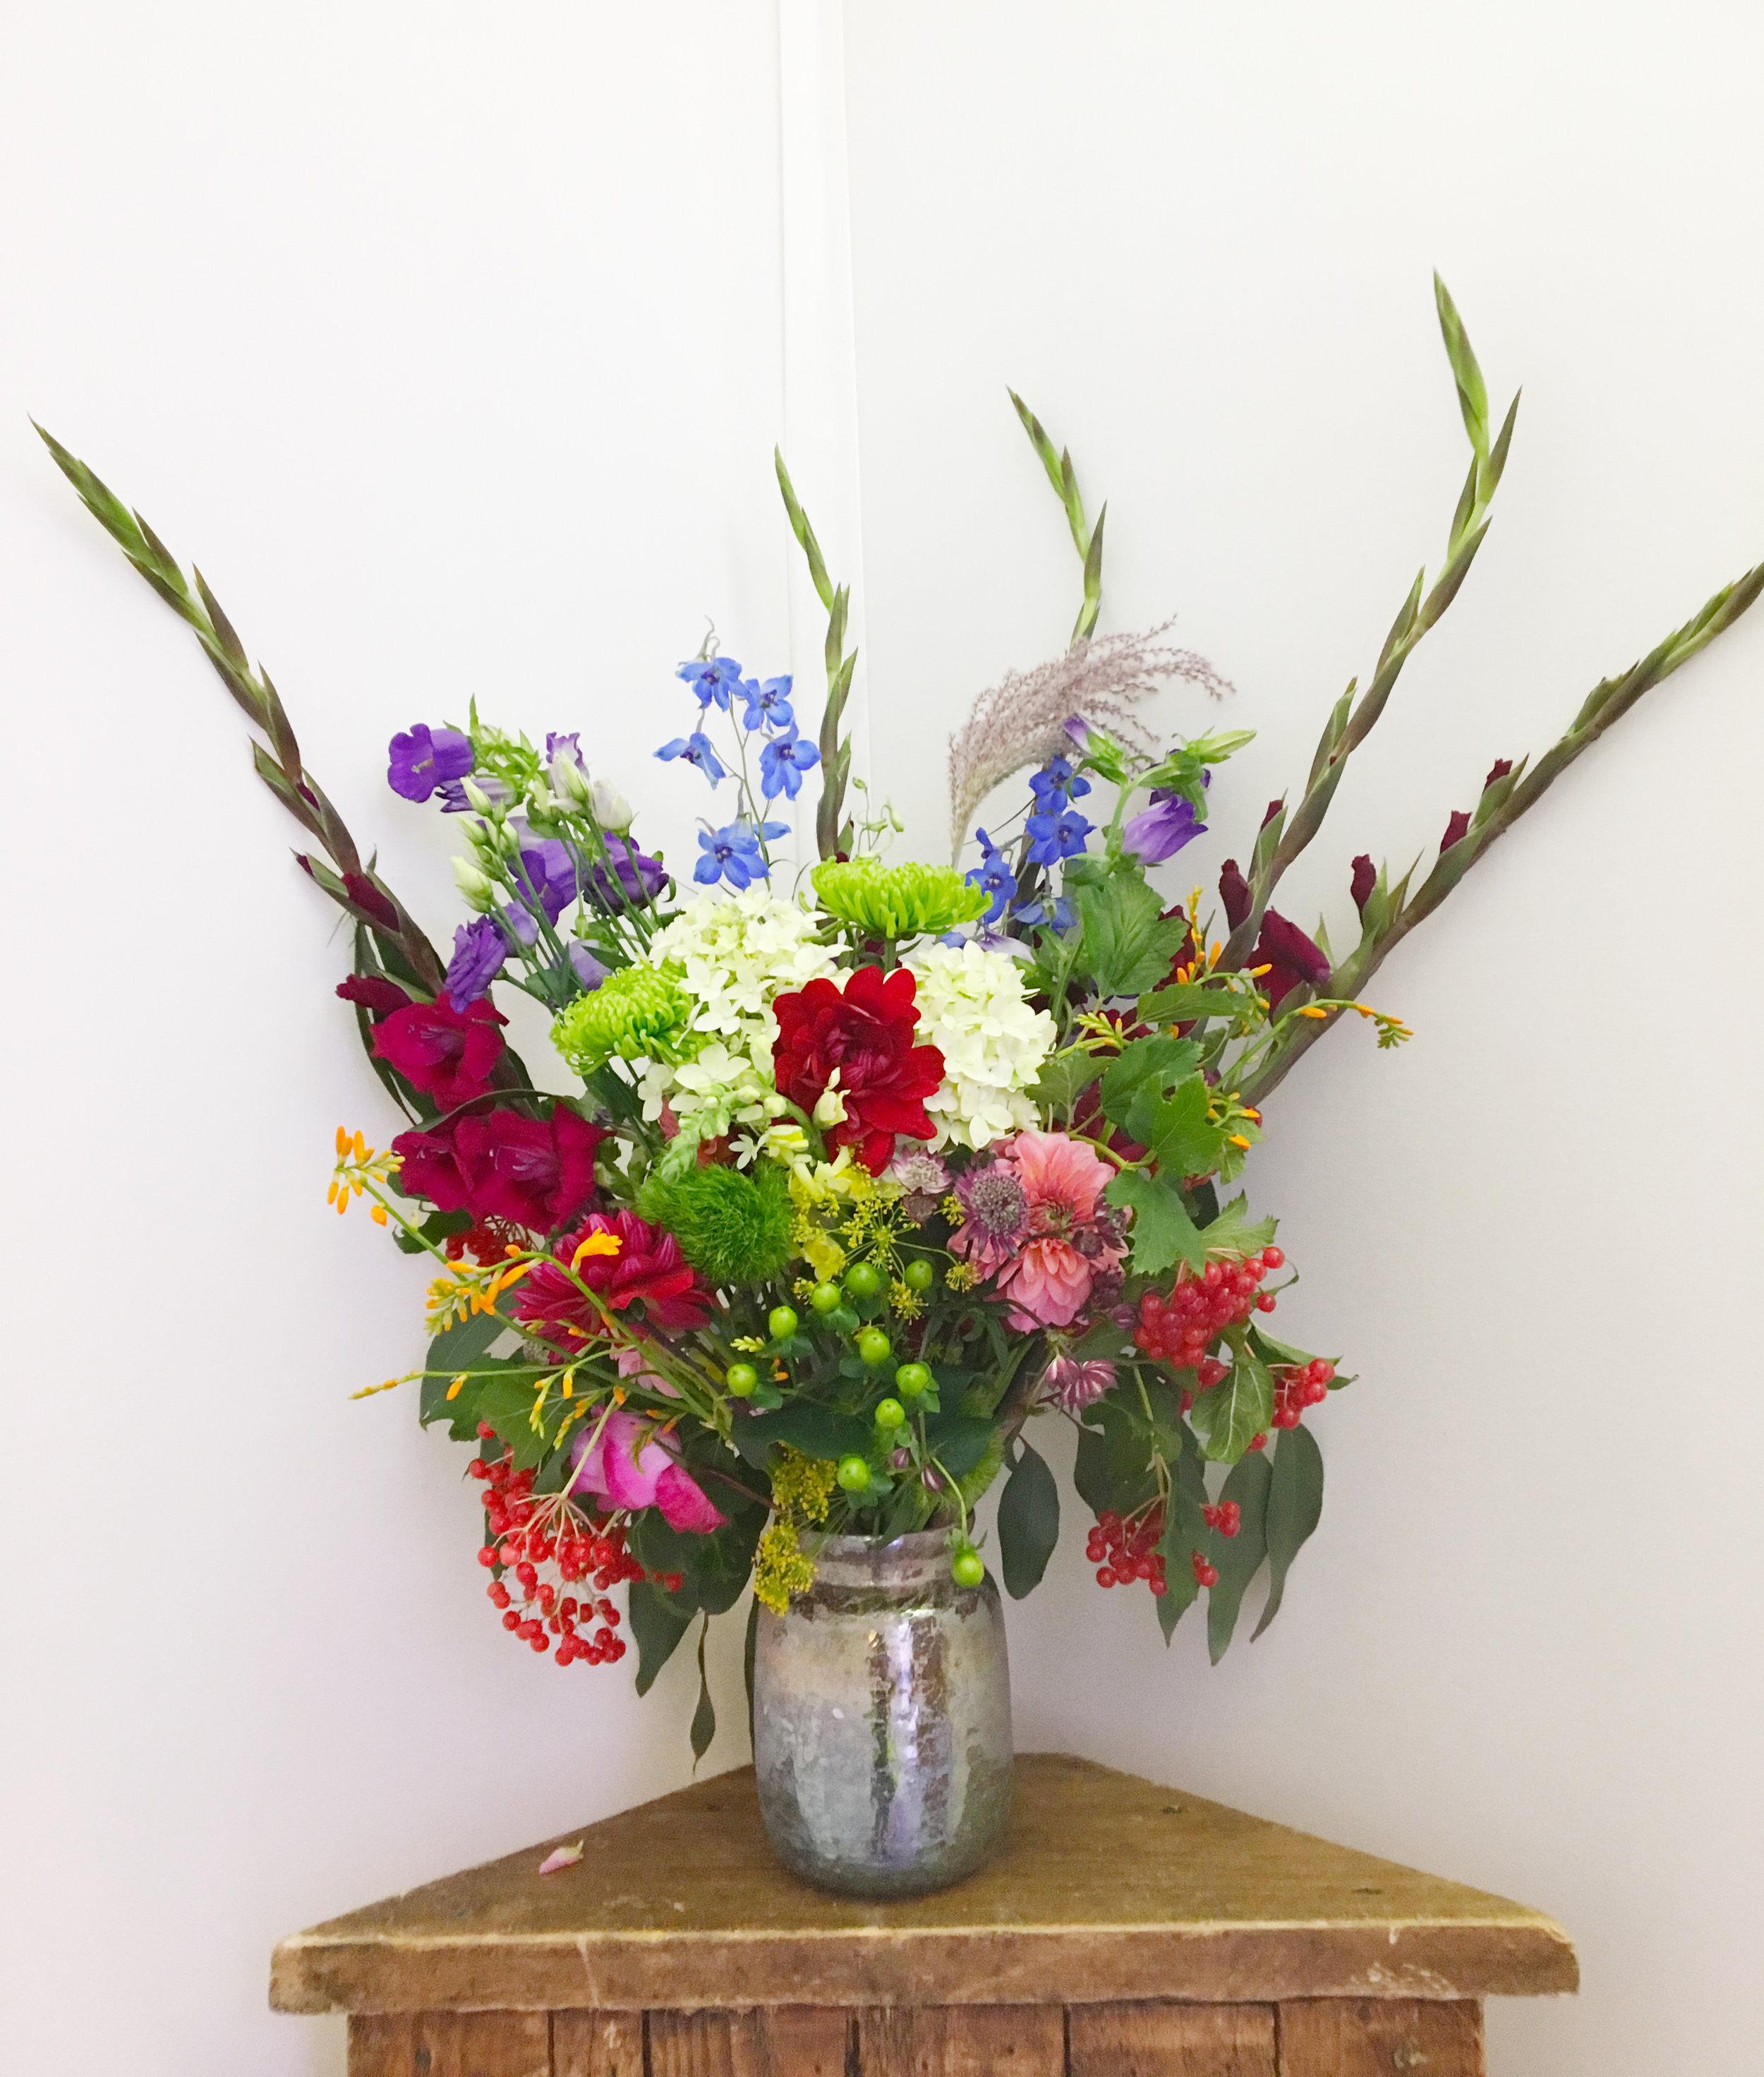 Rainbow small vase proms.jpg